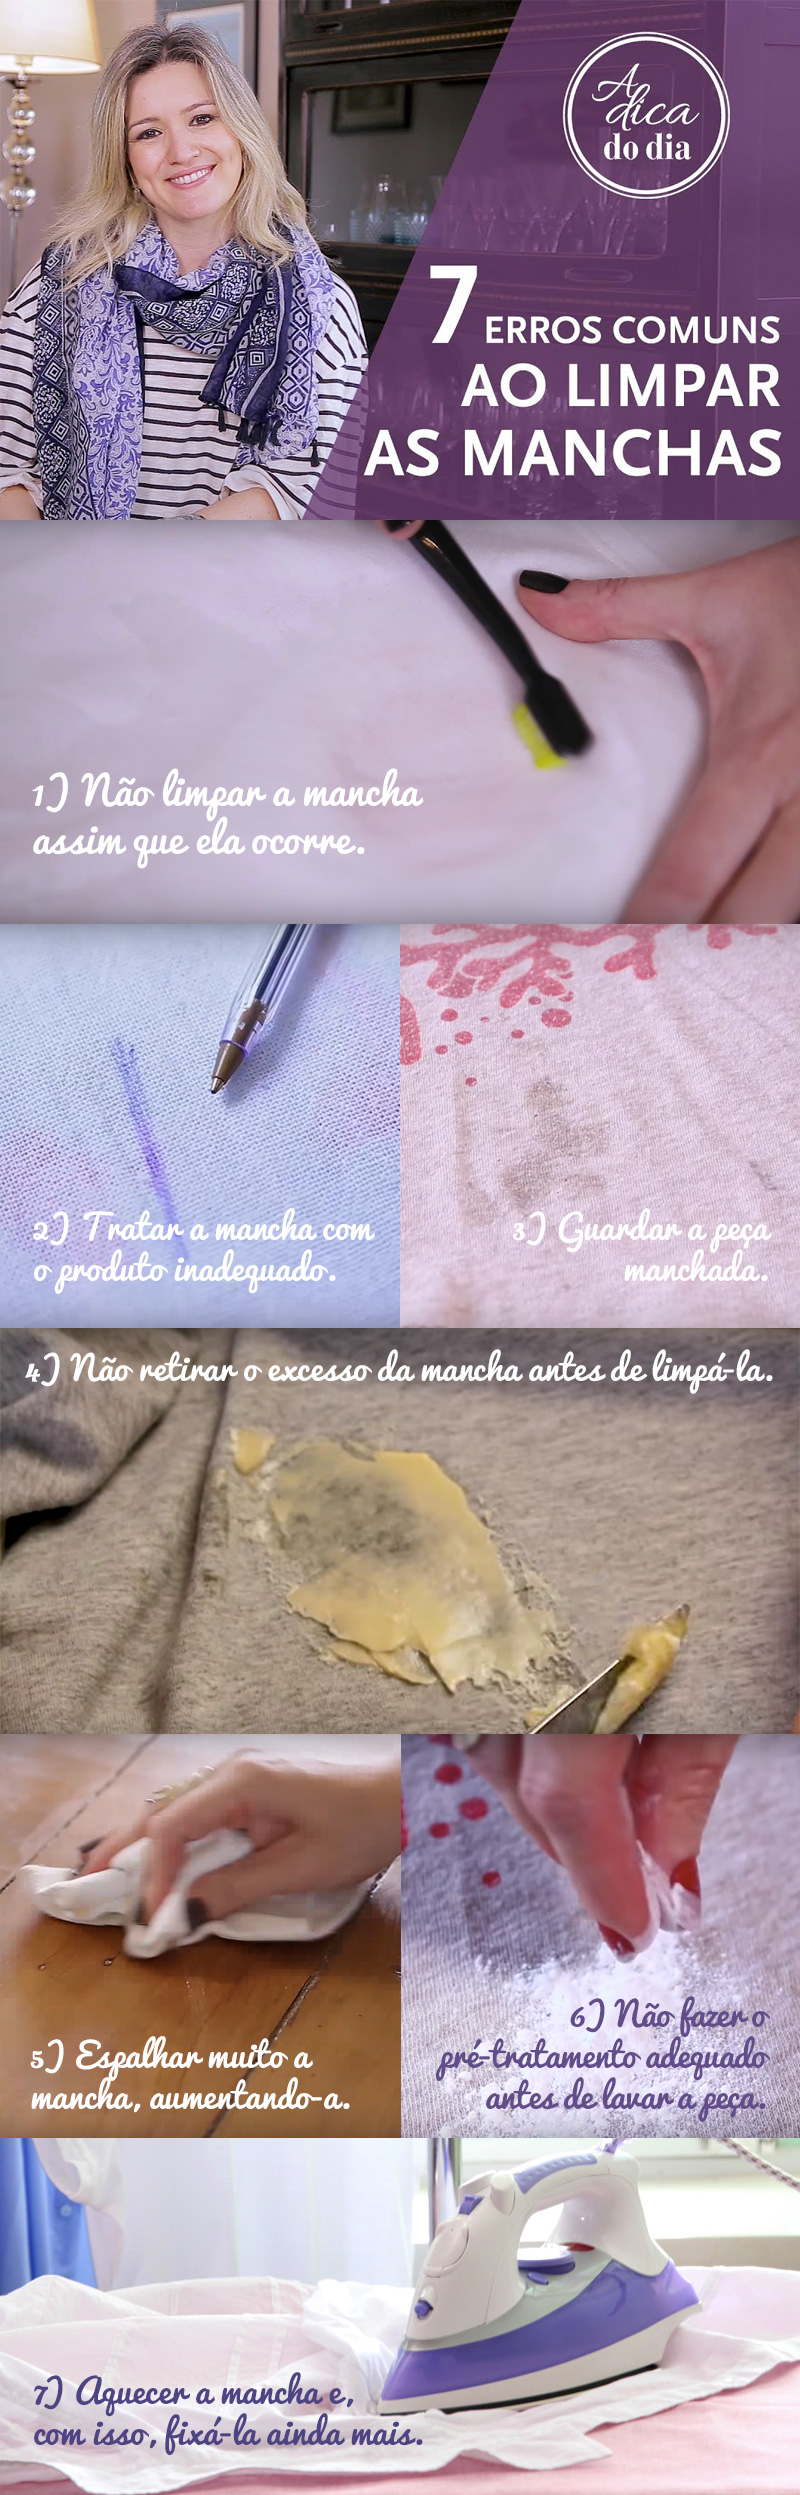 Confira os 7 erros mas comuns na hora de limpar as manchas de qualquer superfície